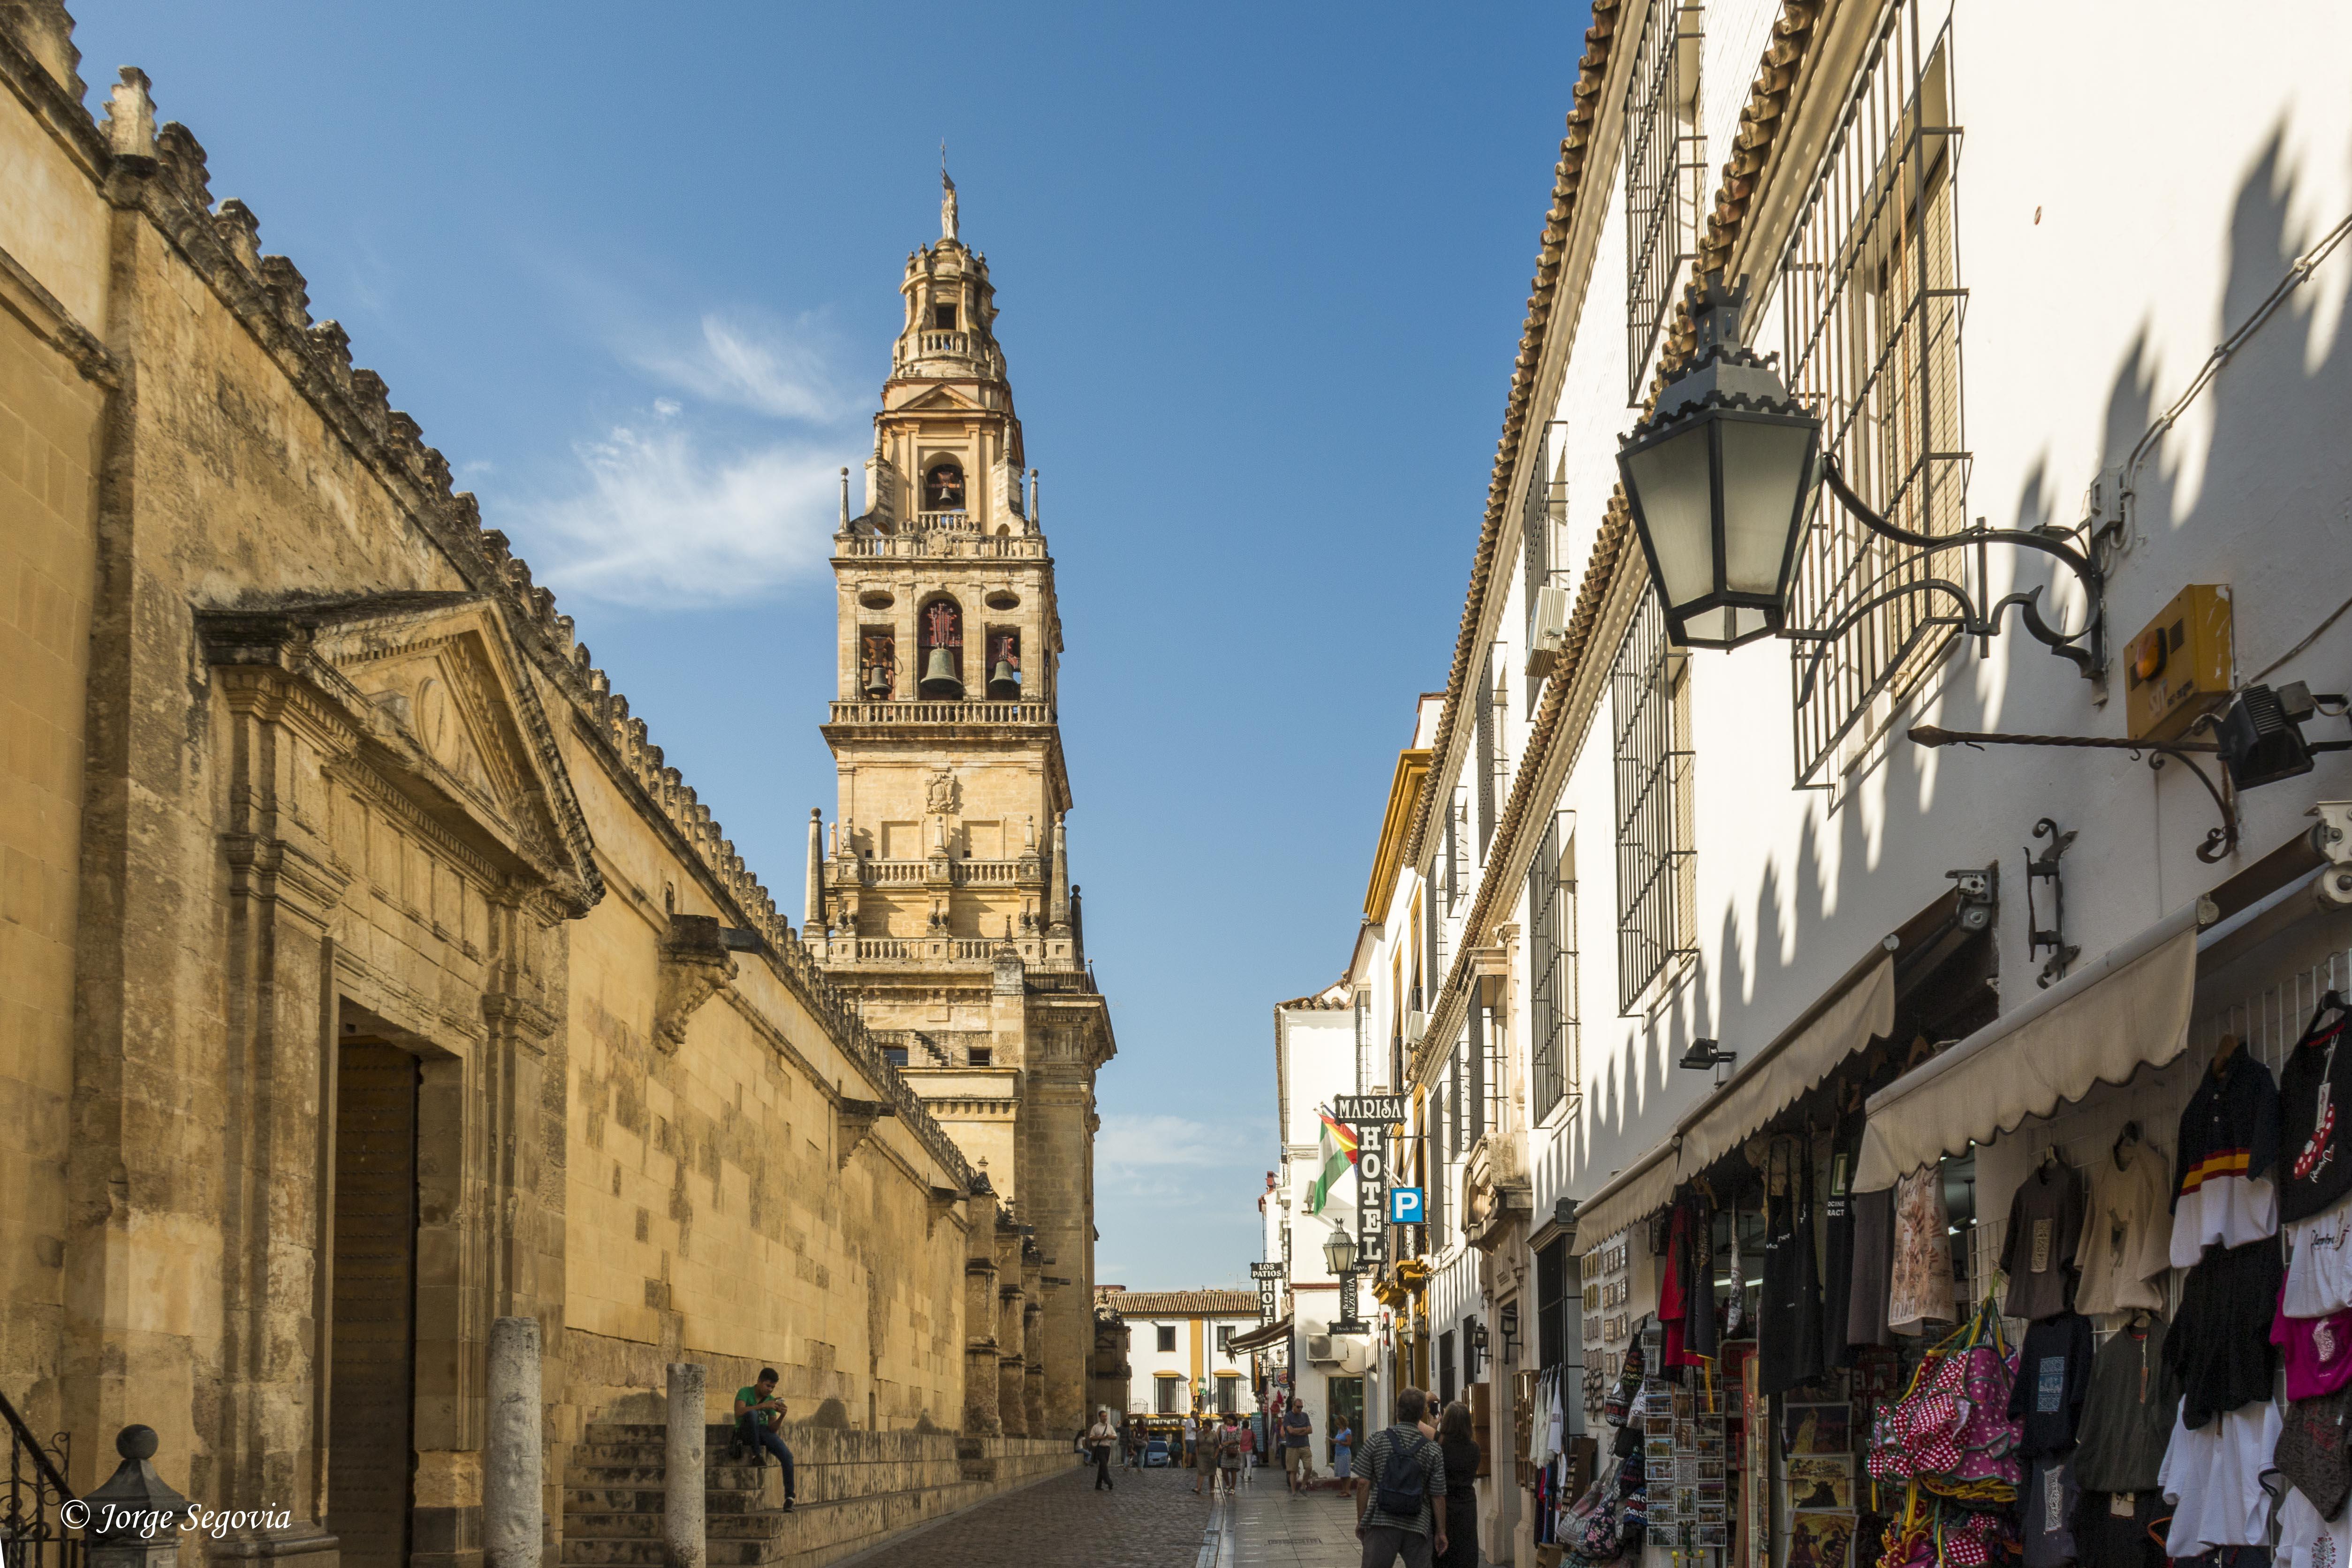 La ciudad patrimonio de la humanidad más bonita de España